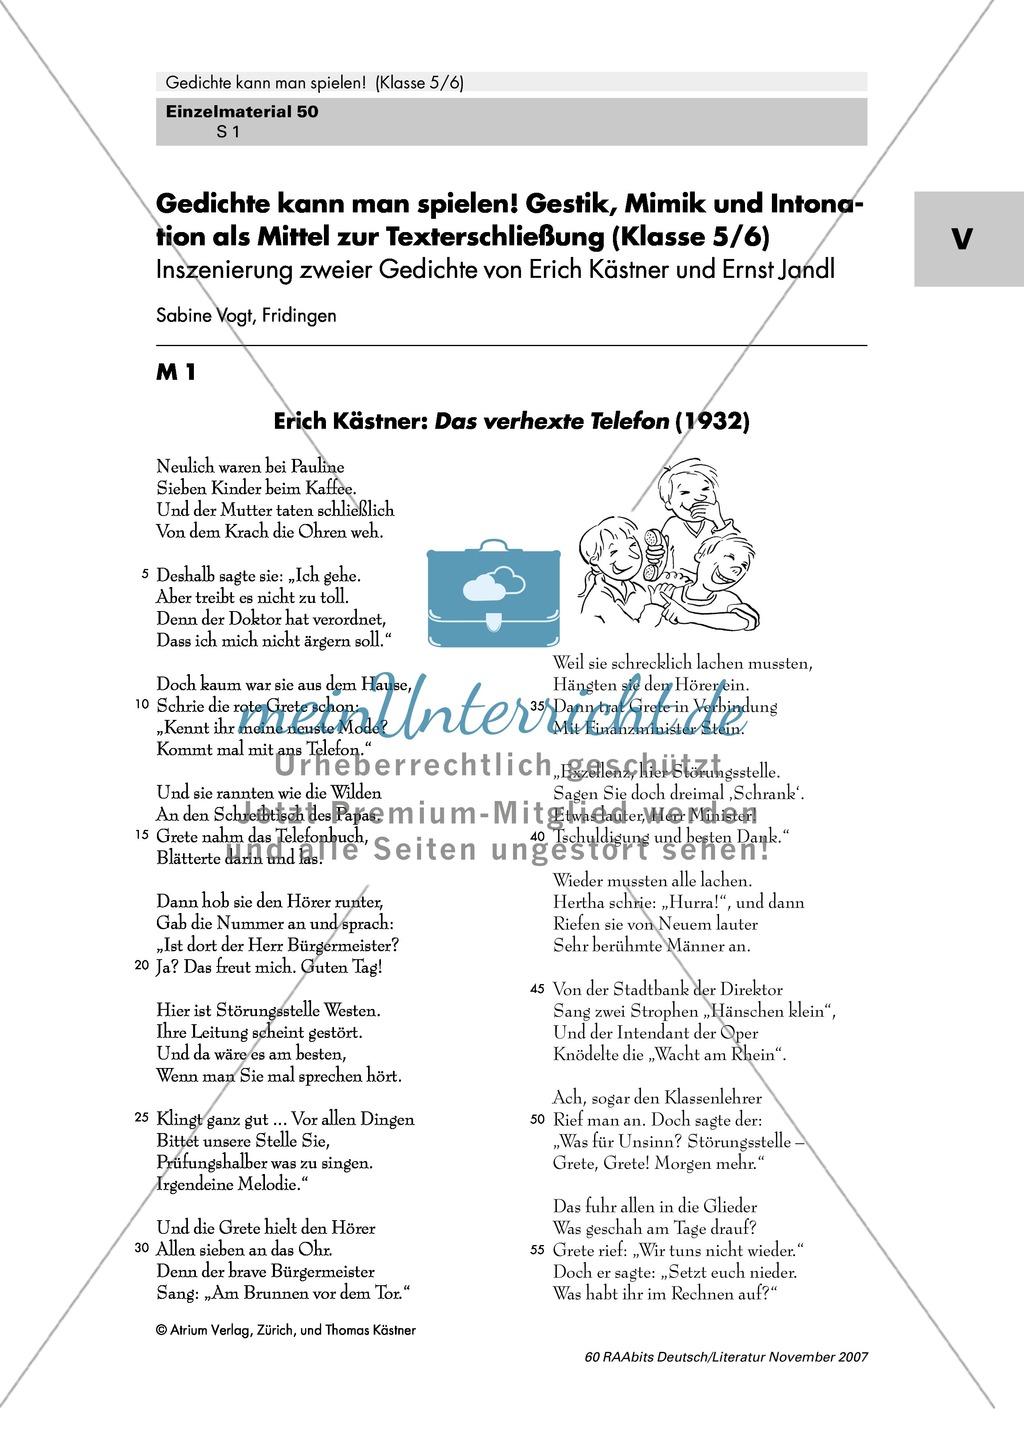 Inszenierung zweier Gedichte von Erich Kästner und Ernst Jandl mit Gestik, Mimik und Intonation als Mittel zur Texterschließung Preview 0